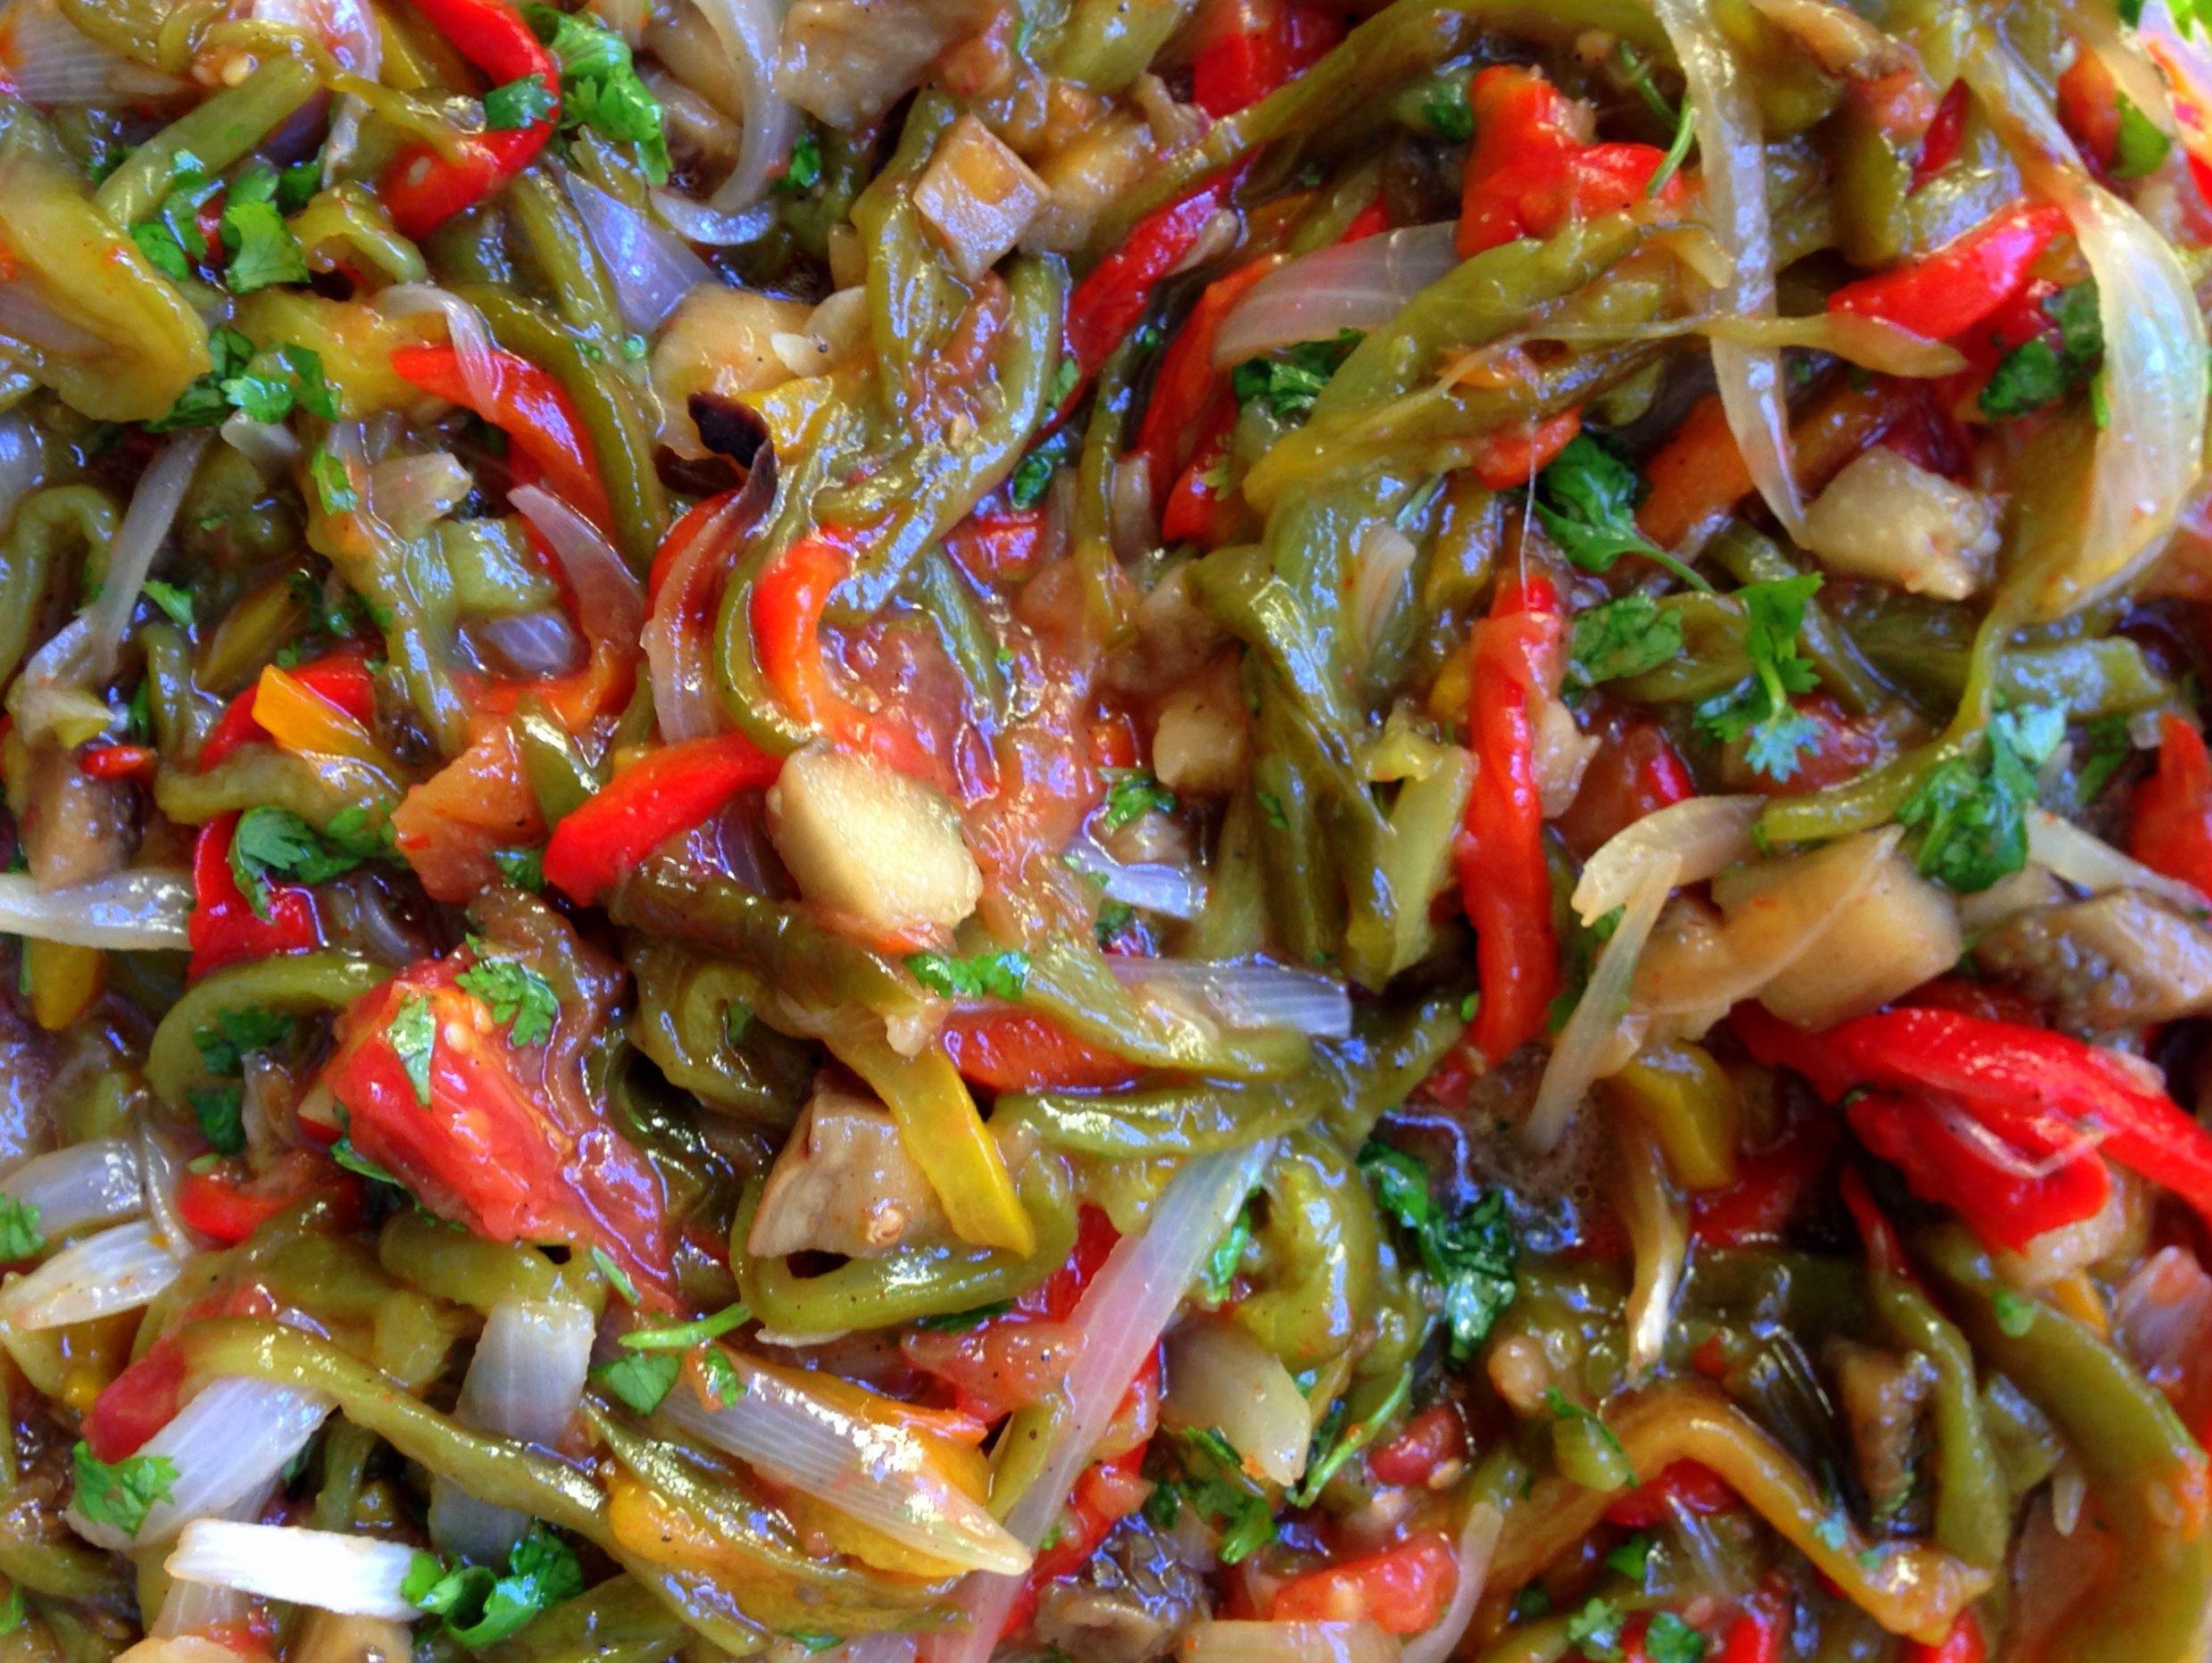 Cómo hacer peperonata o ensalada de chiles dulces (ajíes, pimentones o pimientos). Gineceo, María Tenorio, 2016